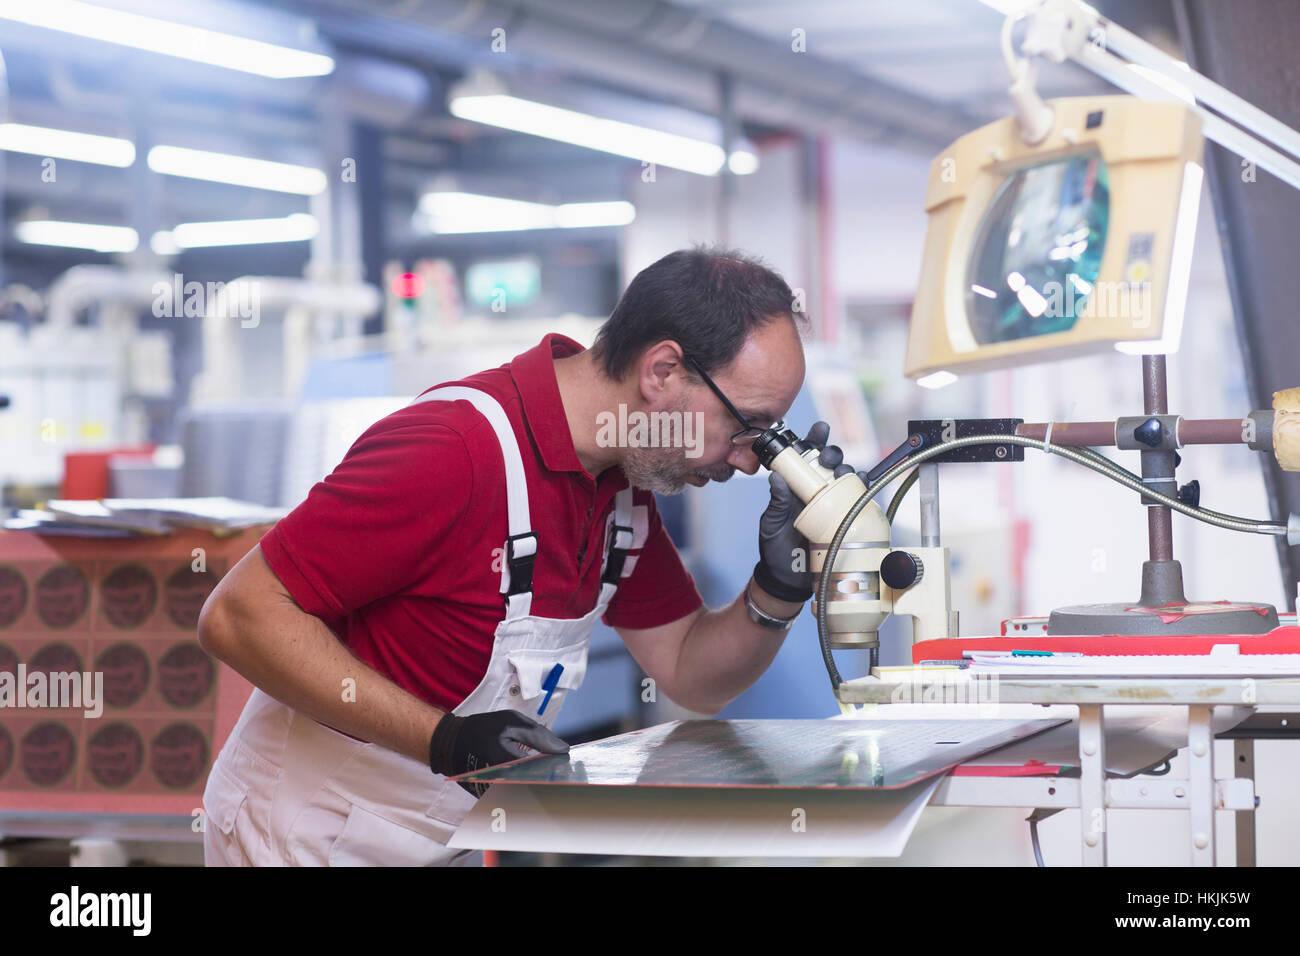 Männliche Ingenieur Prüfung Platine in Industrie, Hannover, Niedersachsen, Deutschland Stockbild